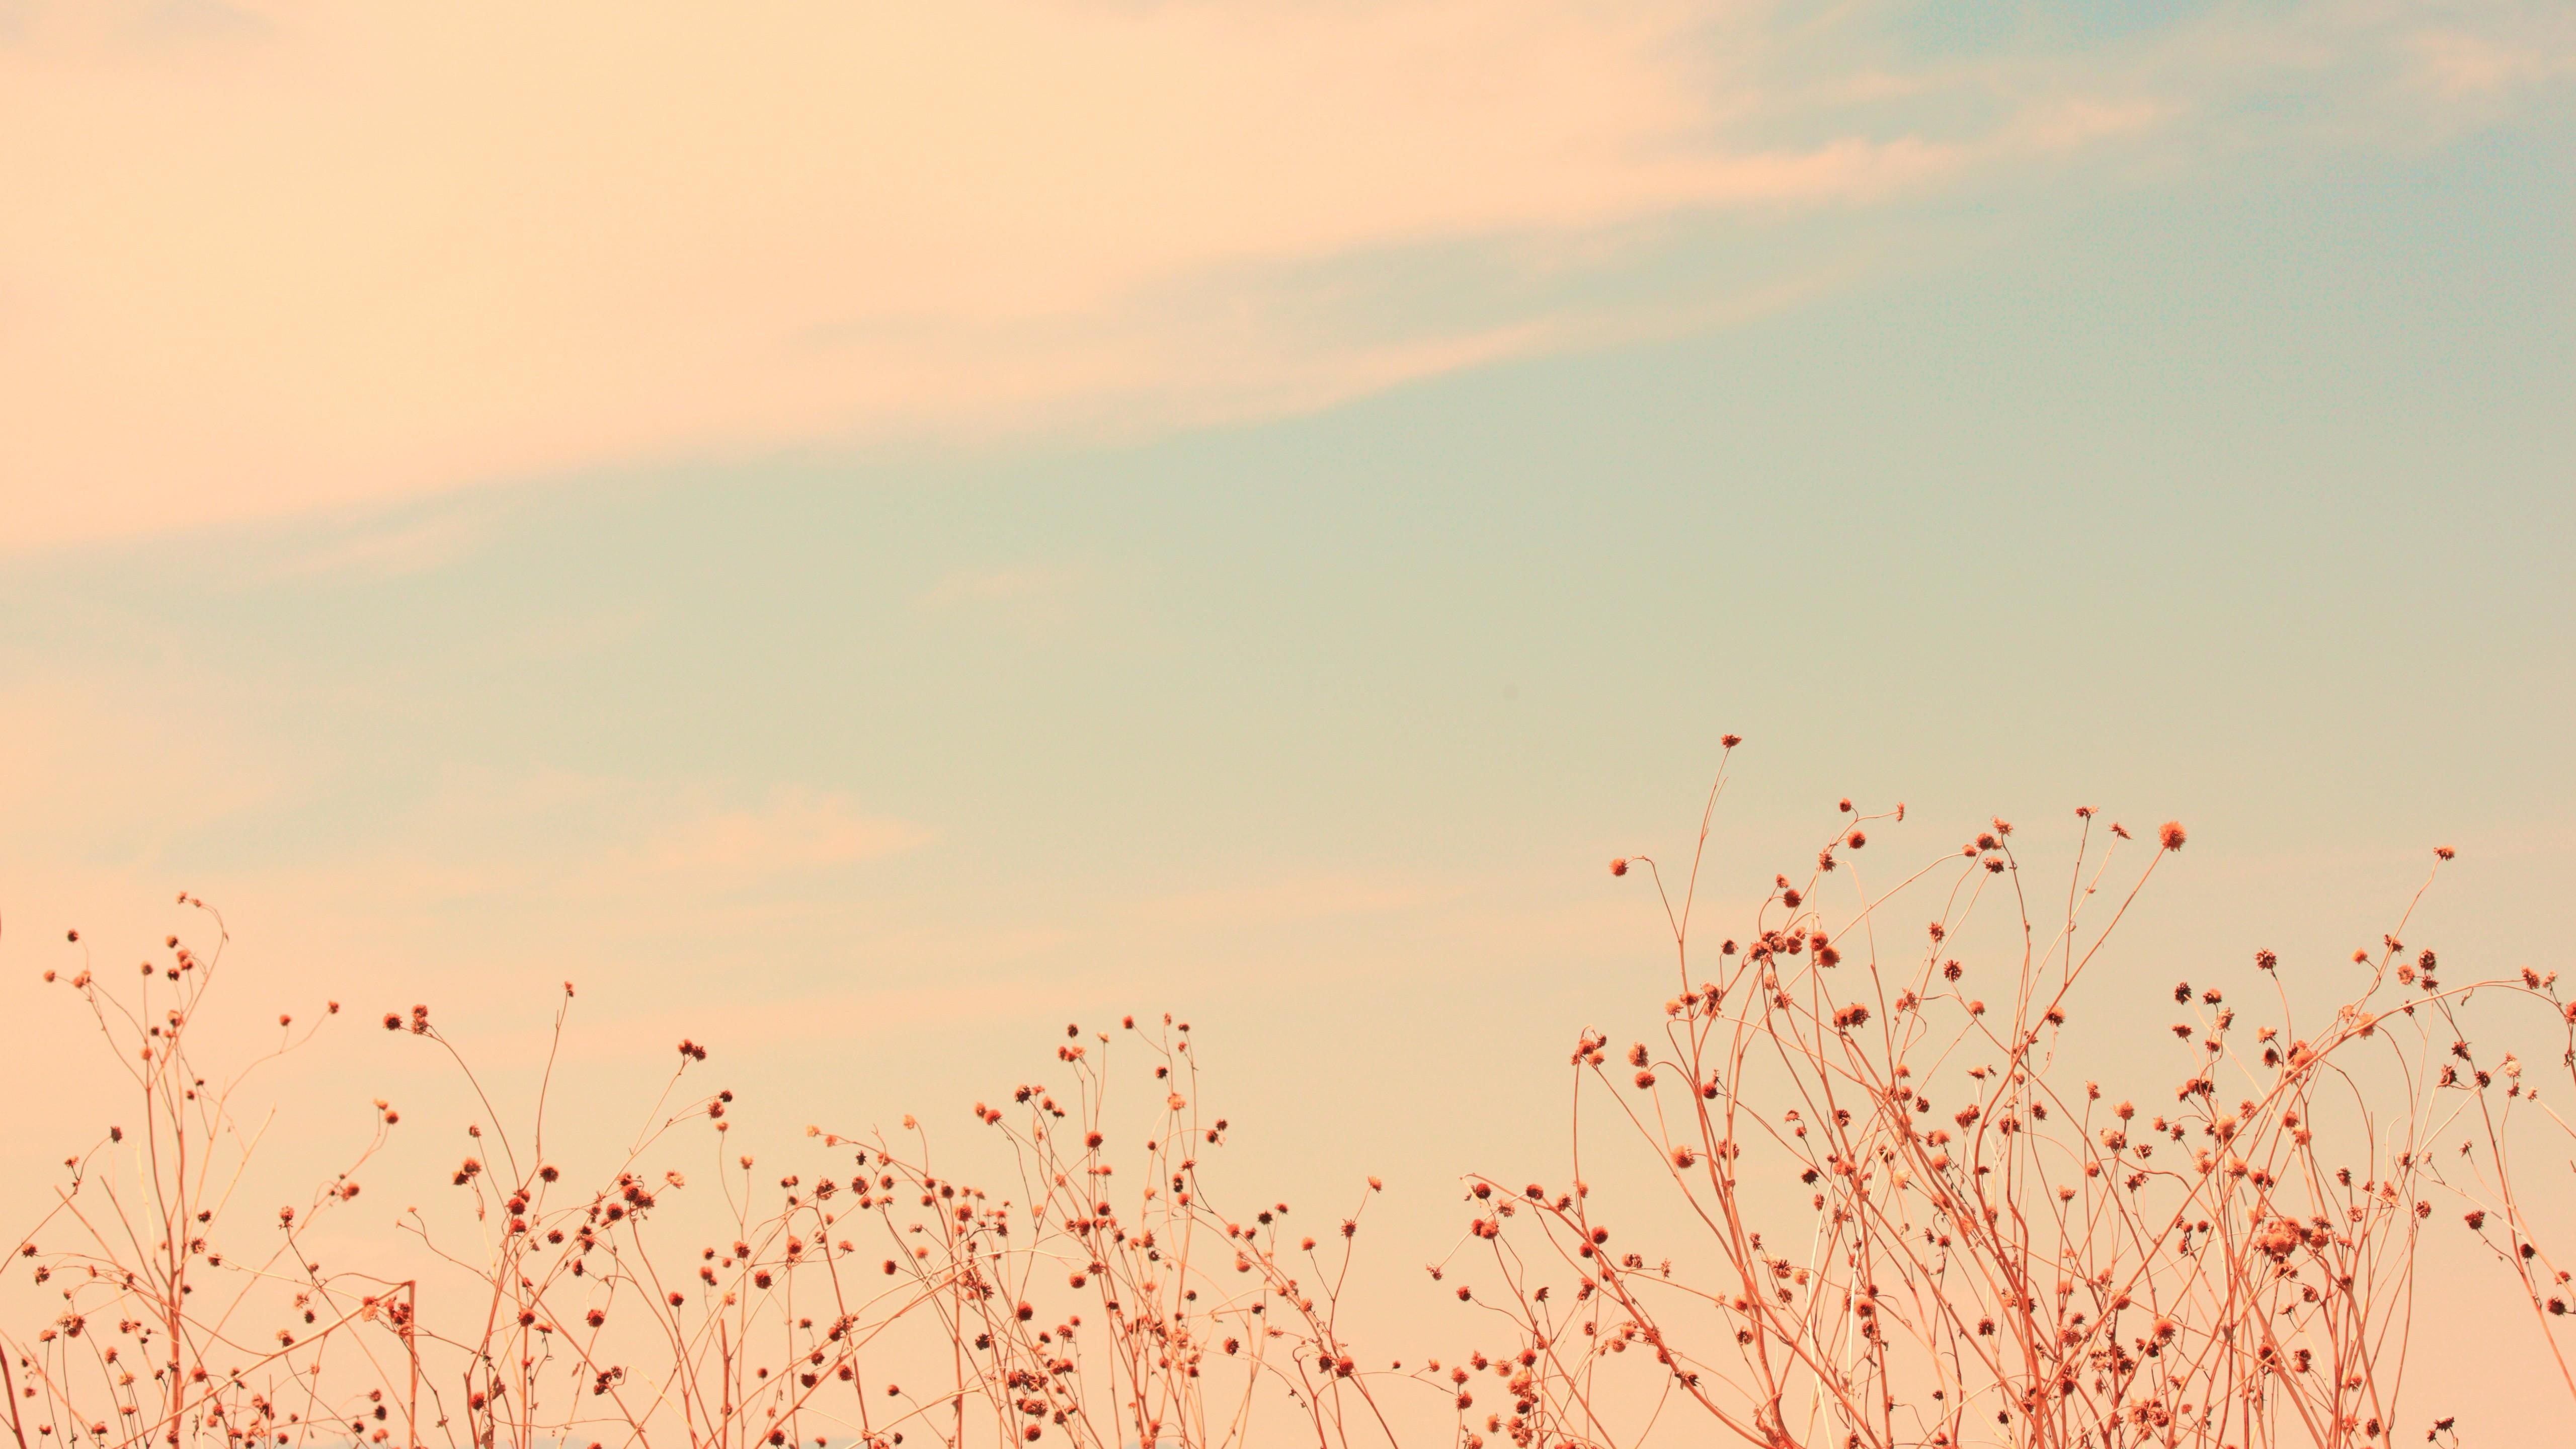 полевые цветы небо облака бесплатно